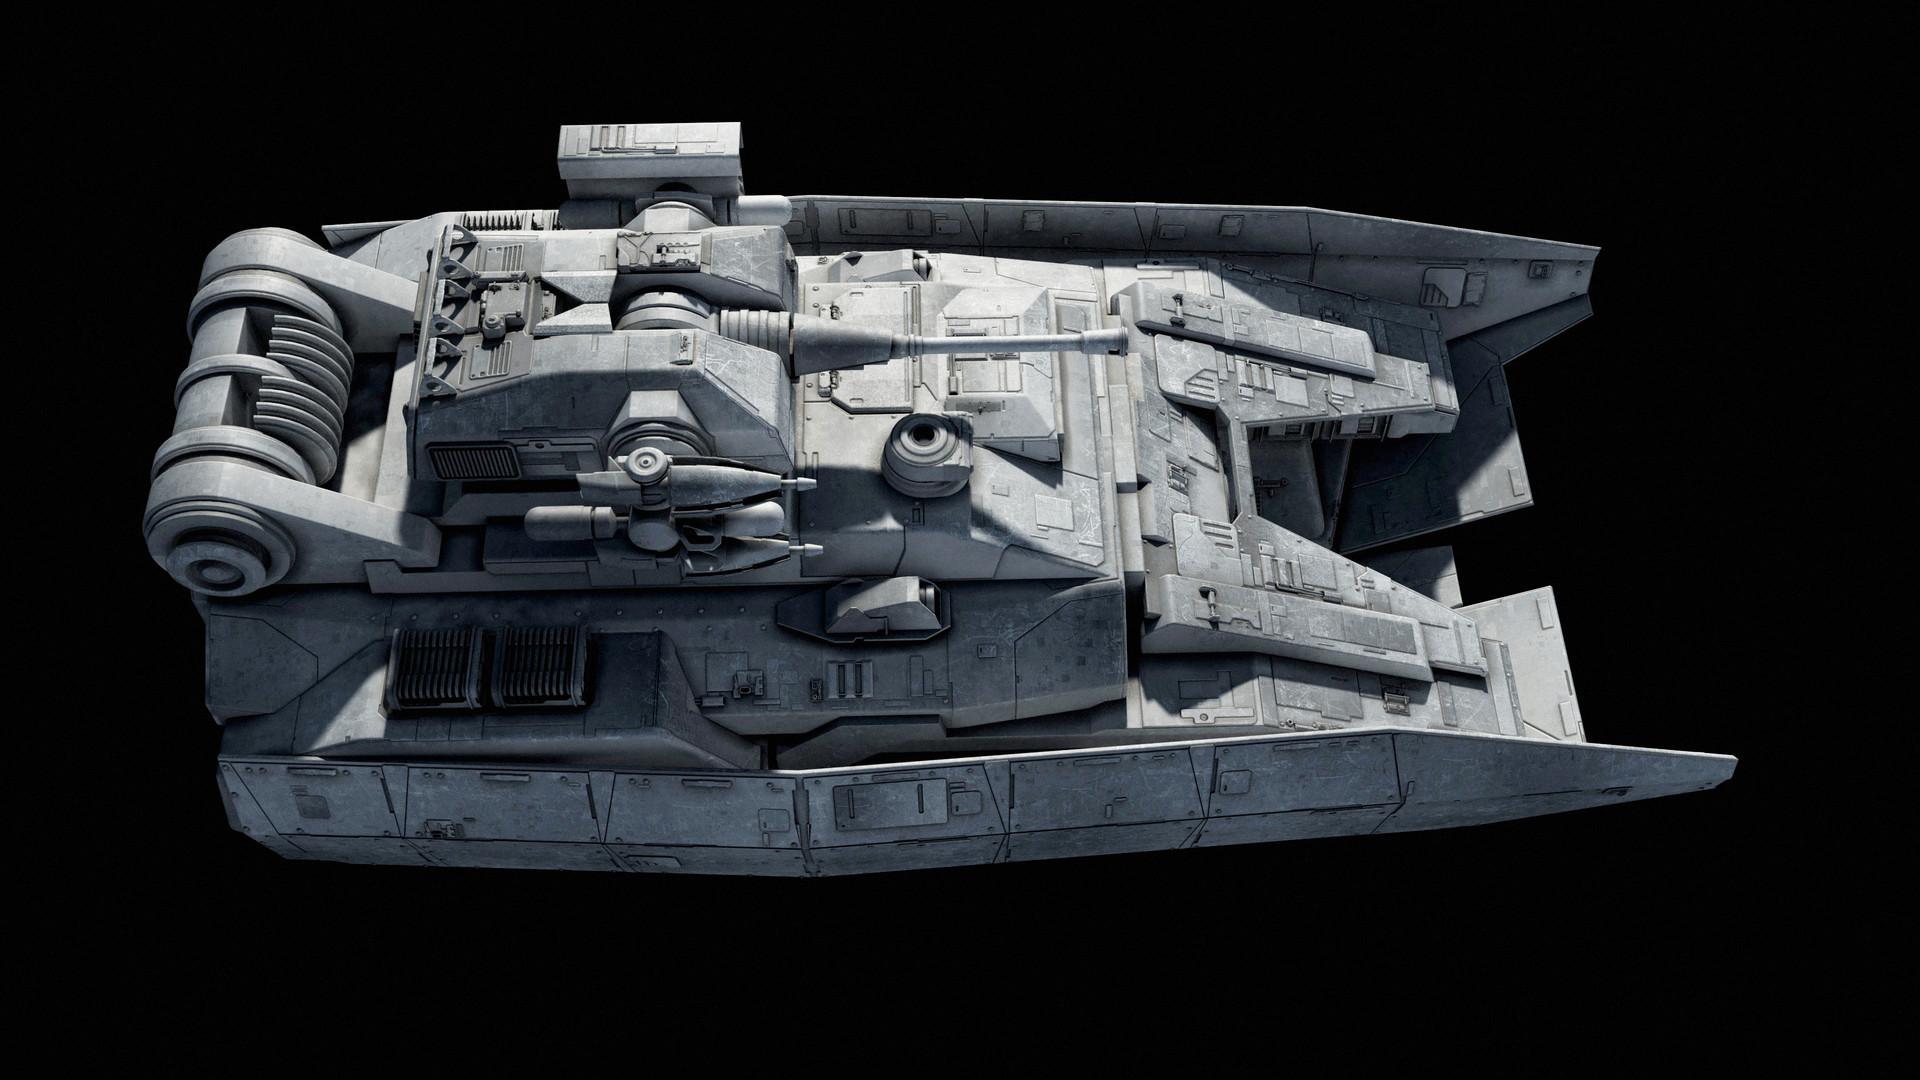 Ansel hsiao tank35